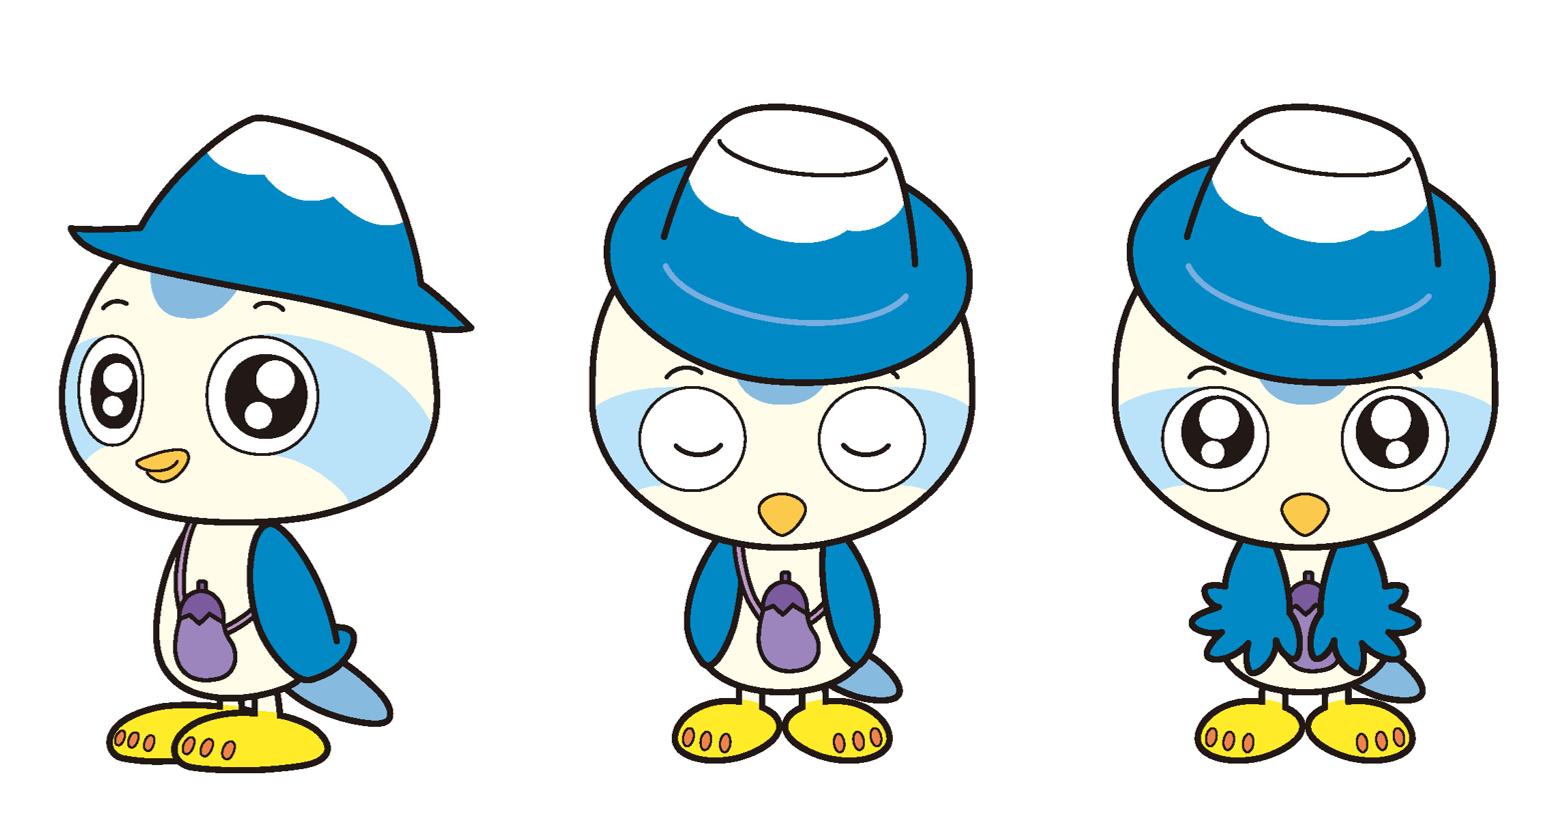 マスコットキャラクター「ふじ丸くん」を紹介します!